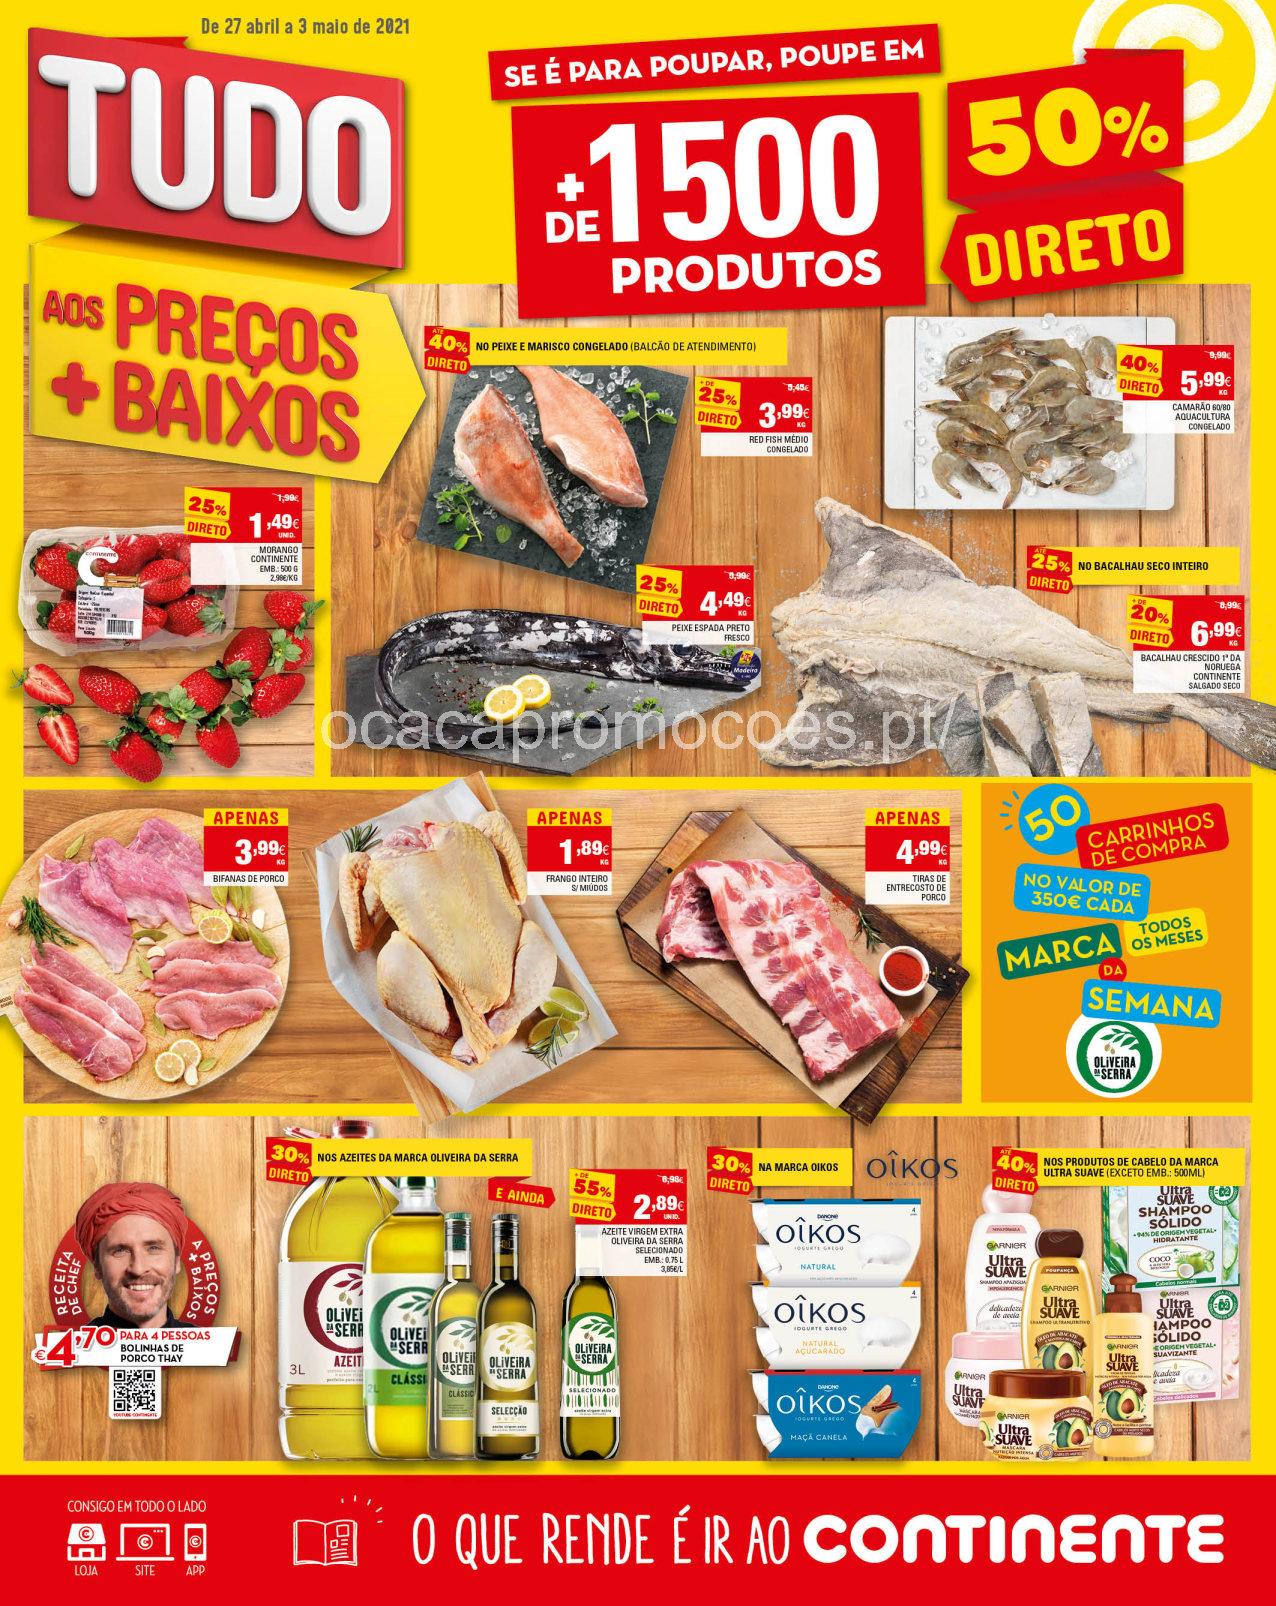 folheto continente promocoes madeira antevisao 27 abril Page1